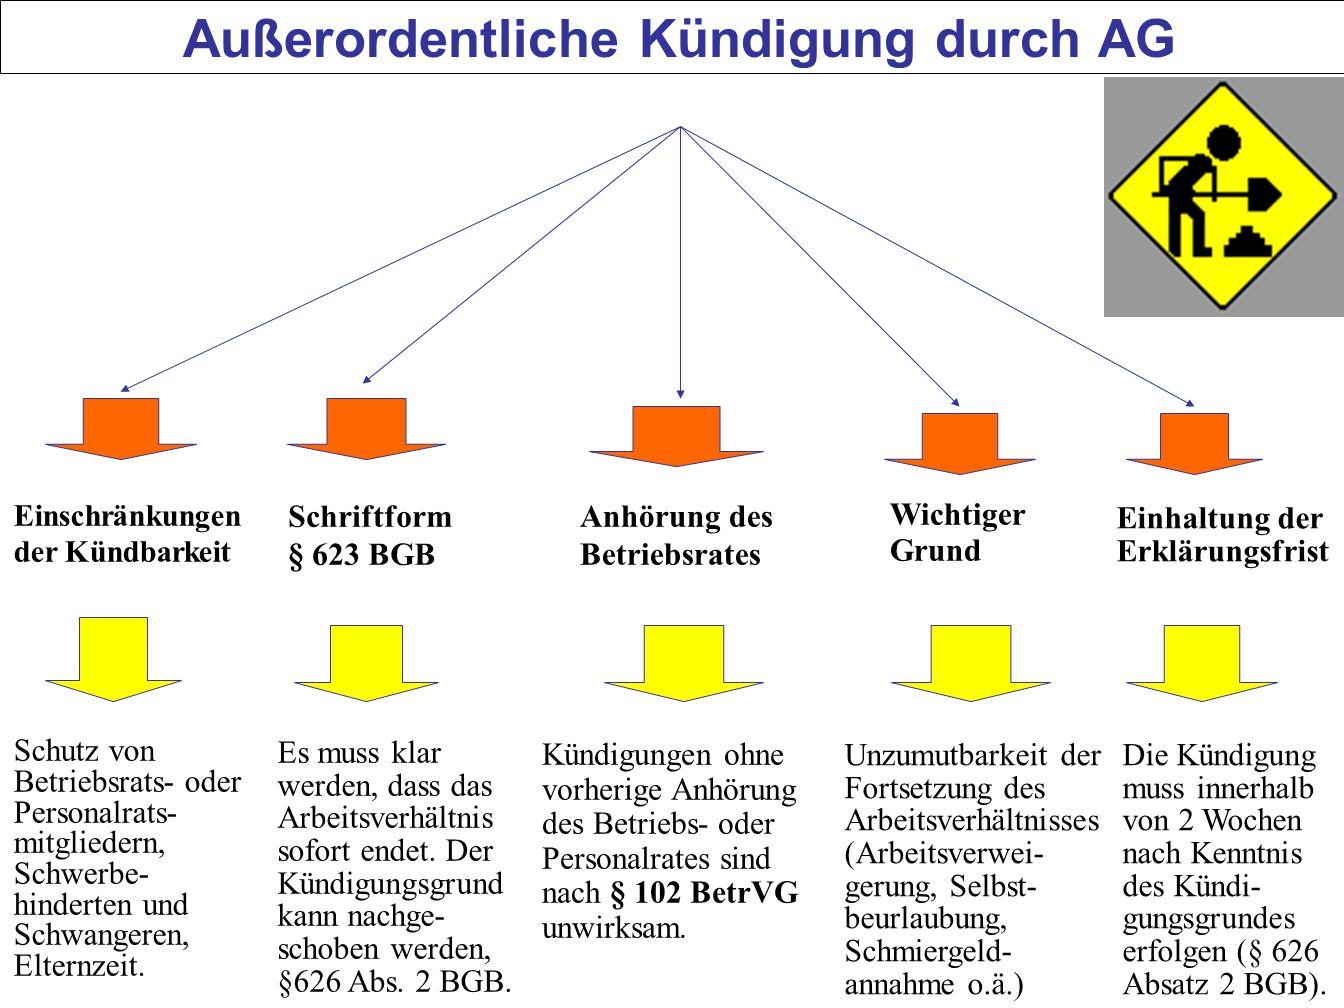 Außerordentliche Kündigung durch AG